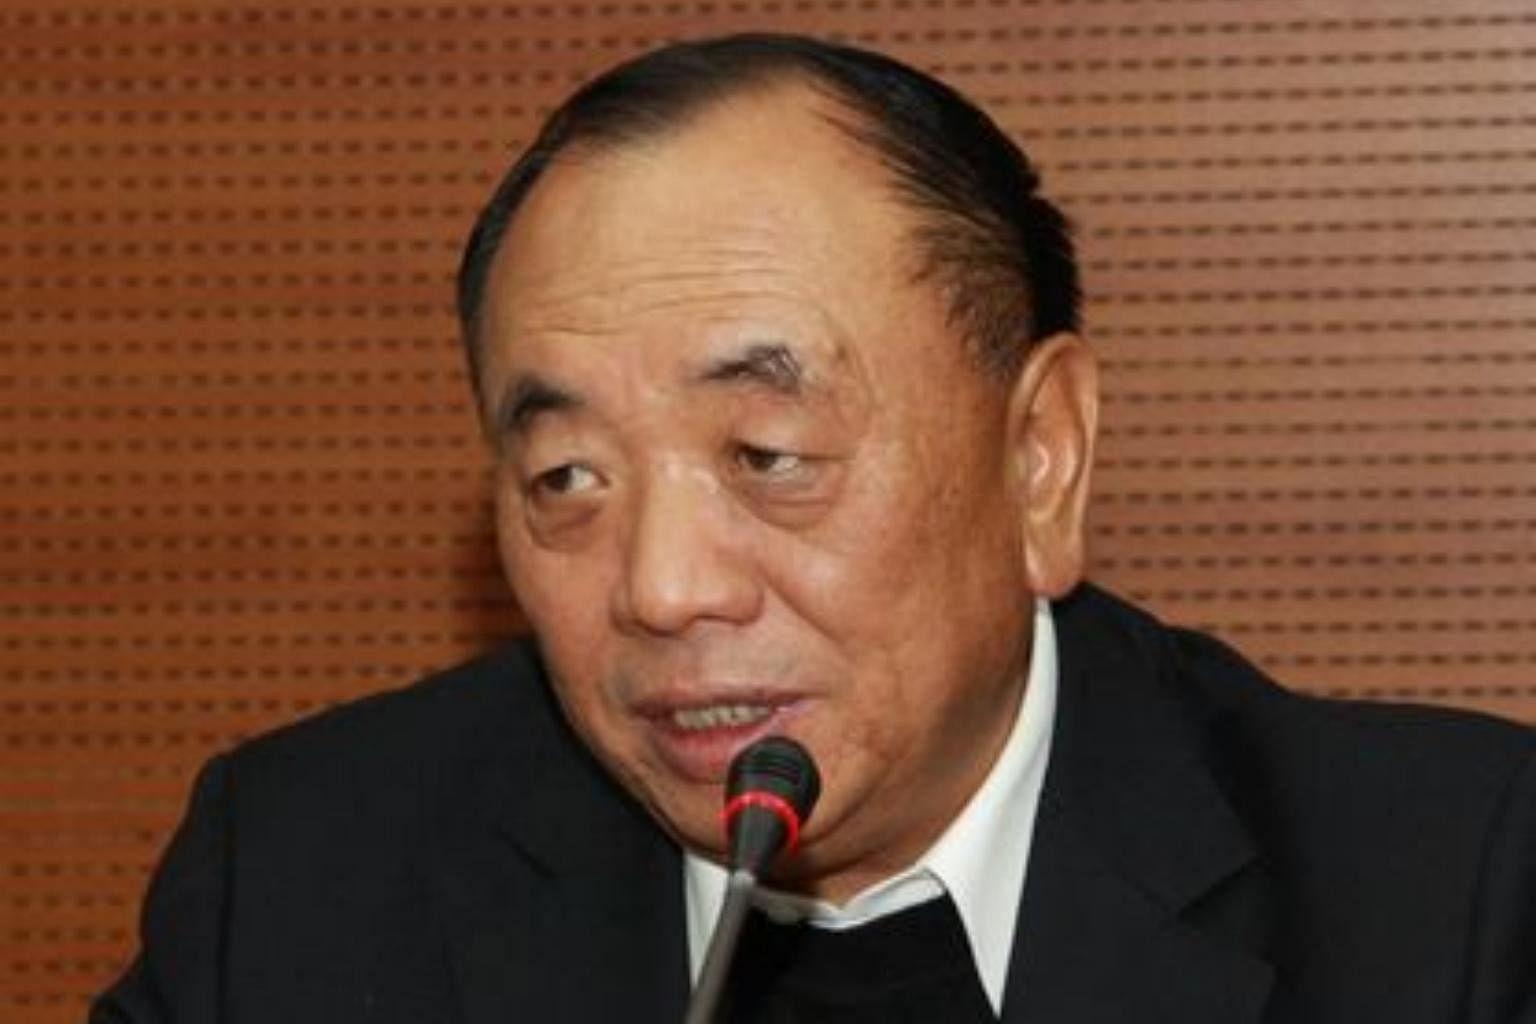 Déclaration du président de Mindray concernant les efforts visant à lutter contre le COVID-19